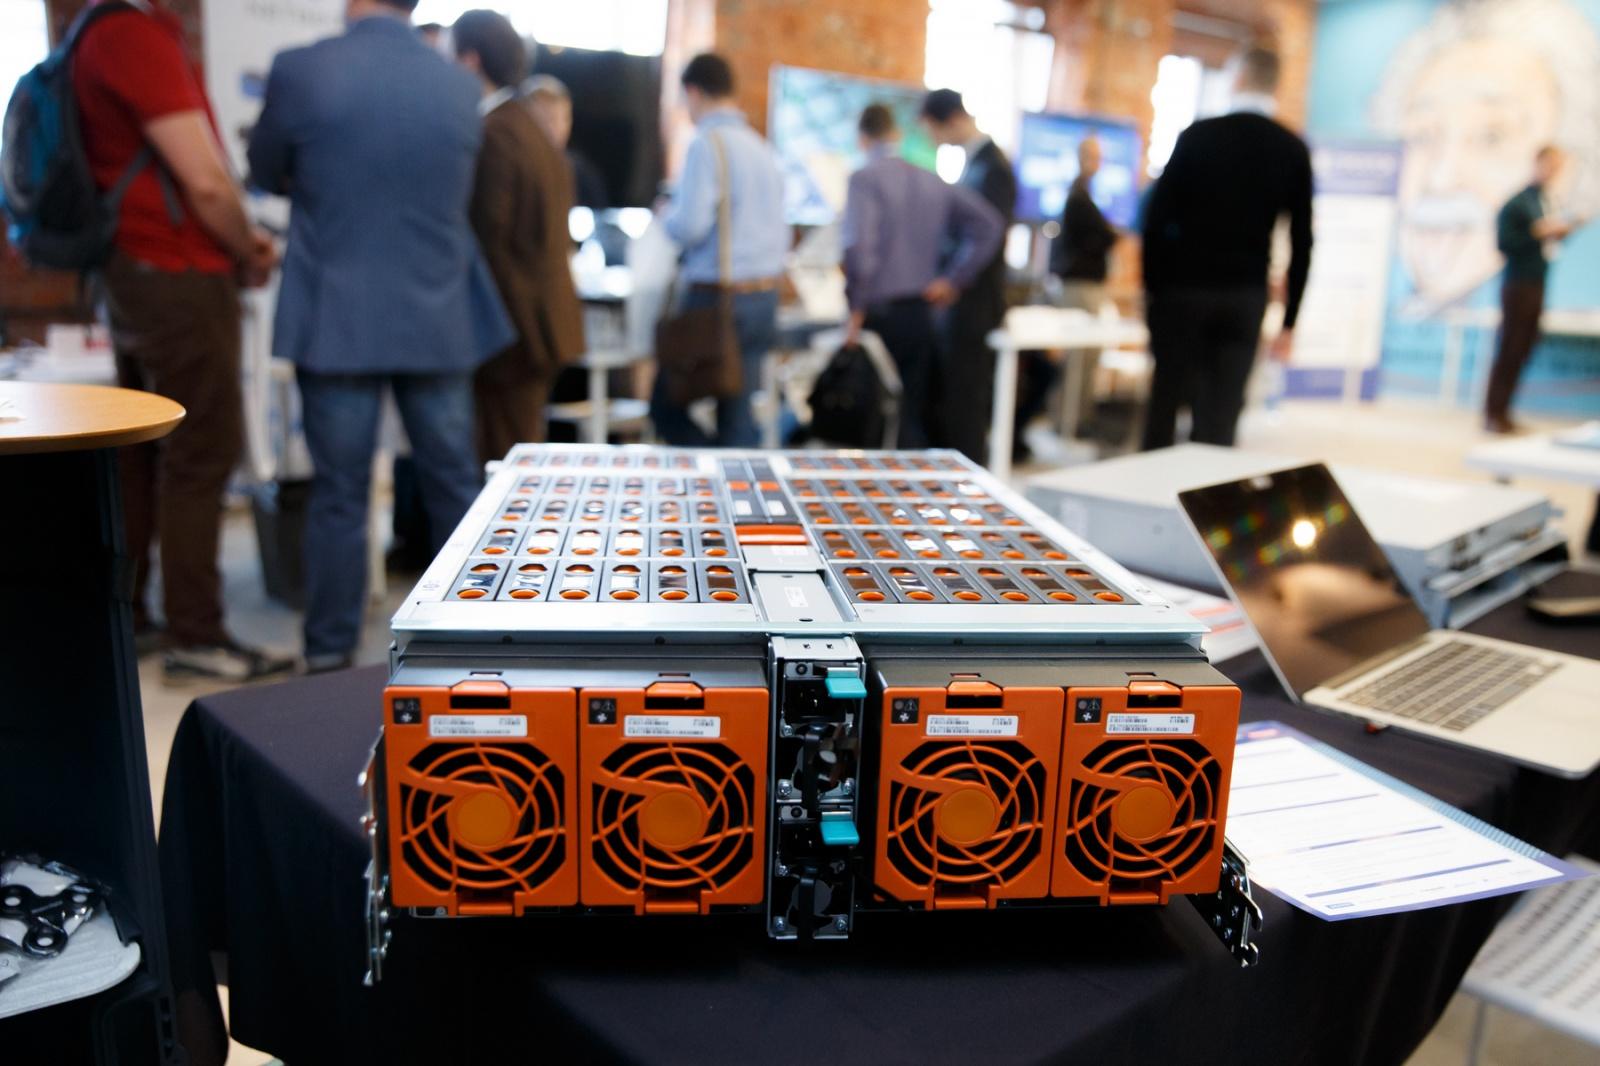 Конференция ПРОSTOR 2018: вопросы и ответы про будущее СХД - 1